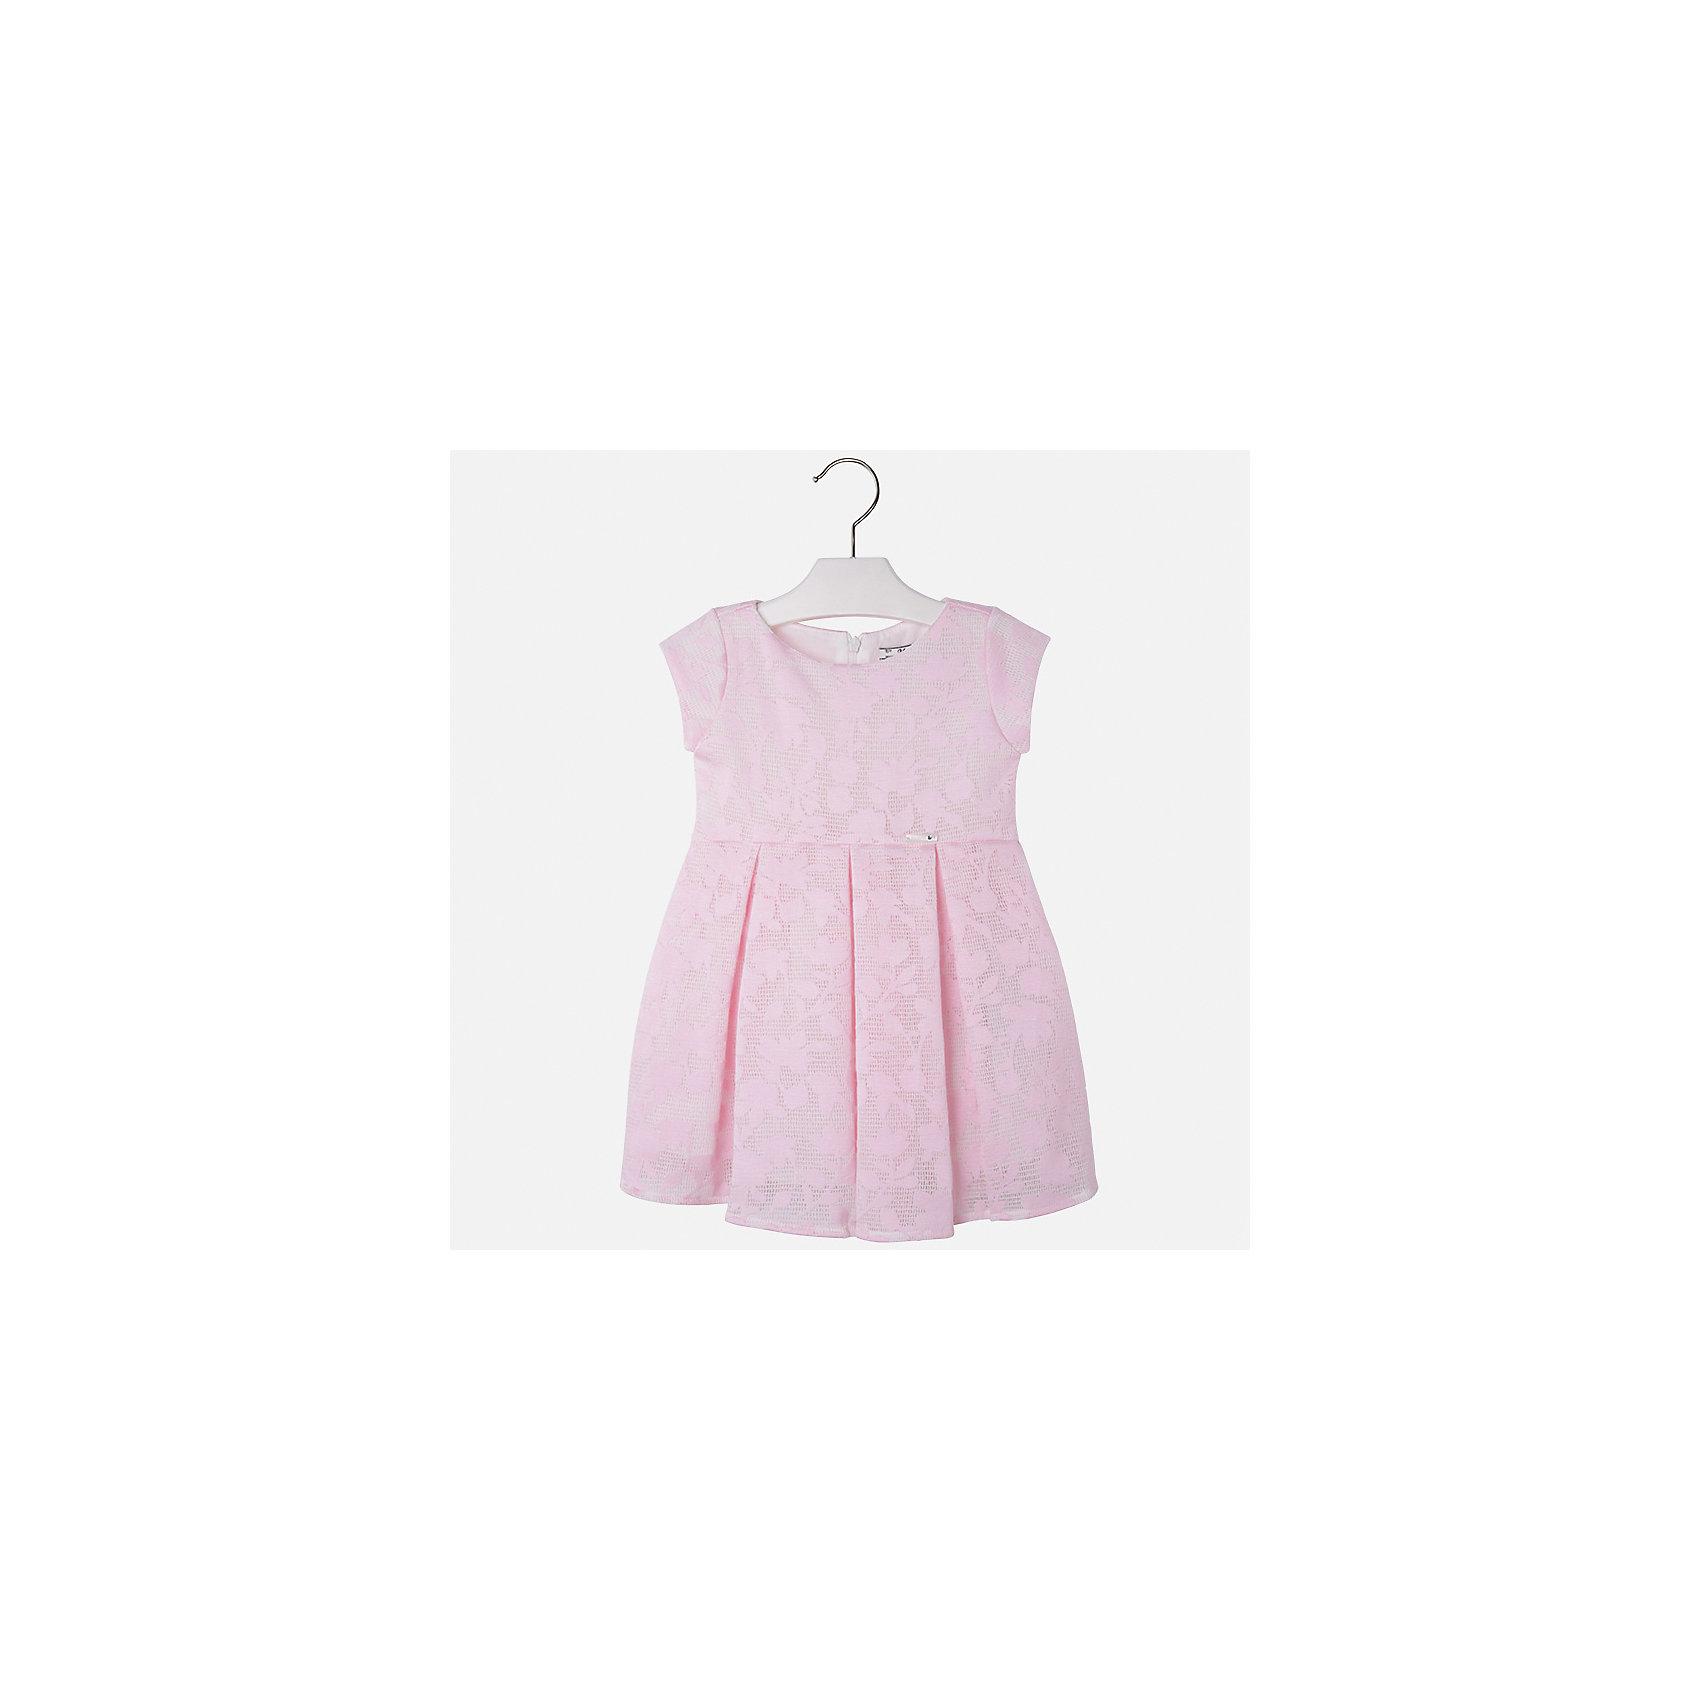 Платье для девочки MayoralОдежда<br>Характеристики товара:<br><br>• цвет: розовый<br>• состав: 64% полиэстер, 36% вискоза, подкладка - 80% полиэстер, 20% хлопок<br>• застежка: молния<br>• легкий материал<br>• набивной рисунок<br>• короткие рукава<br>• с подкладкой<br>• страна бренда: Испания<br><br>Красивое легкое платье для девочки поможет разнообразить гардероб ребенка и создать эффектный наряд. Оно подойдет и для торжественных случаев, может быть и как ежедневный наряд. Красивый оттенок позволяет подобрать к вещи обувь разных расцветок. В составе материала подкладки - натуральный хлопок, гипоаллергенный, приятный на ощупь, дышащий. Платье хорошо сидит по фигуре.<br><br>Одежда, обувь и аксессуары от испанского бренда Mayoral полюбились детям и взрослым по всему миру. Модели этой марки - стильные и удобные. Для их производства используются только безопасные, качественные материалы и фурнитура. Порадуйте ребенка модными и красивыми вещами от Mayoral! <br><br>Платье для девочки от испанского бренда Mayoral (Майорал) можно купить в нашем интернет-магазине.<br><br>Ширина мм: 236<br>Глубина мм: 16<br>Высота мм: 184<br>Вес г: 177<br>Цвет: розовый<br>Возраст от месяцев: 96<br>Возраст до месяцев: 108<br>Пол: Женский<br>Возраст: Детский<br>Размер: 134,98,104,110,116,122,128<br>SKU: 5290991